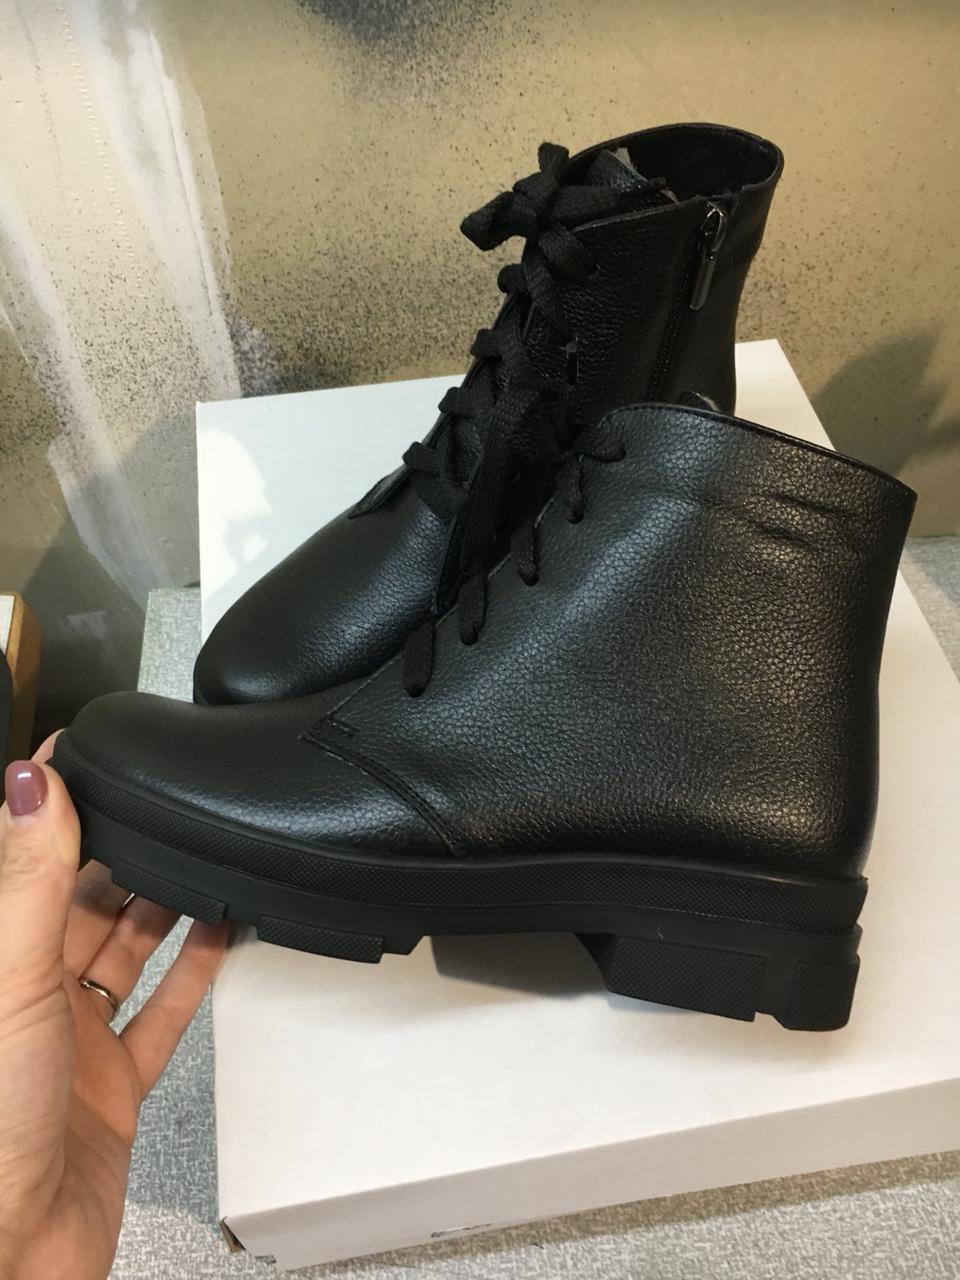 Ботинки женские на шнуровке, натуральная кожа флотар черного цвета